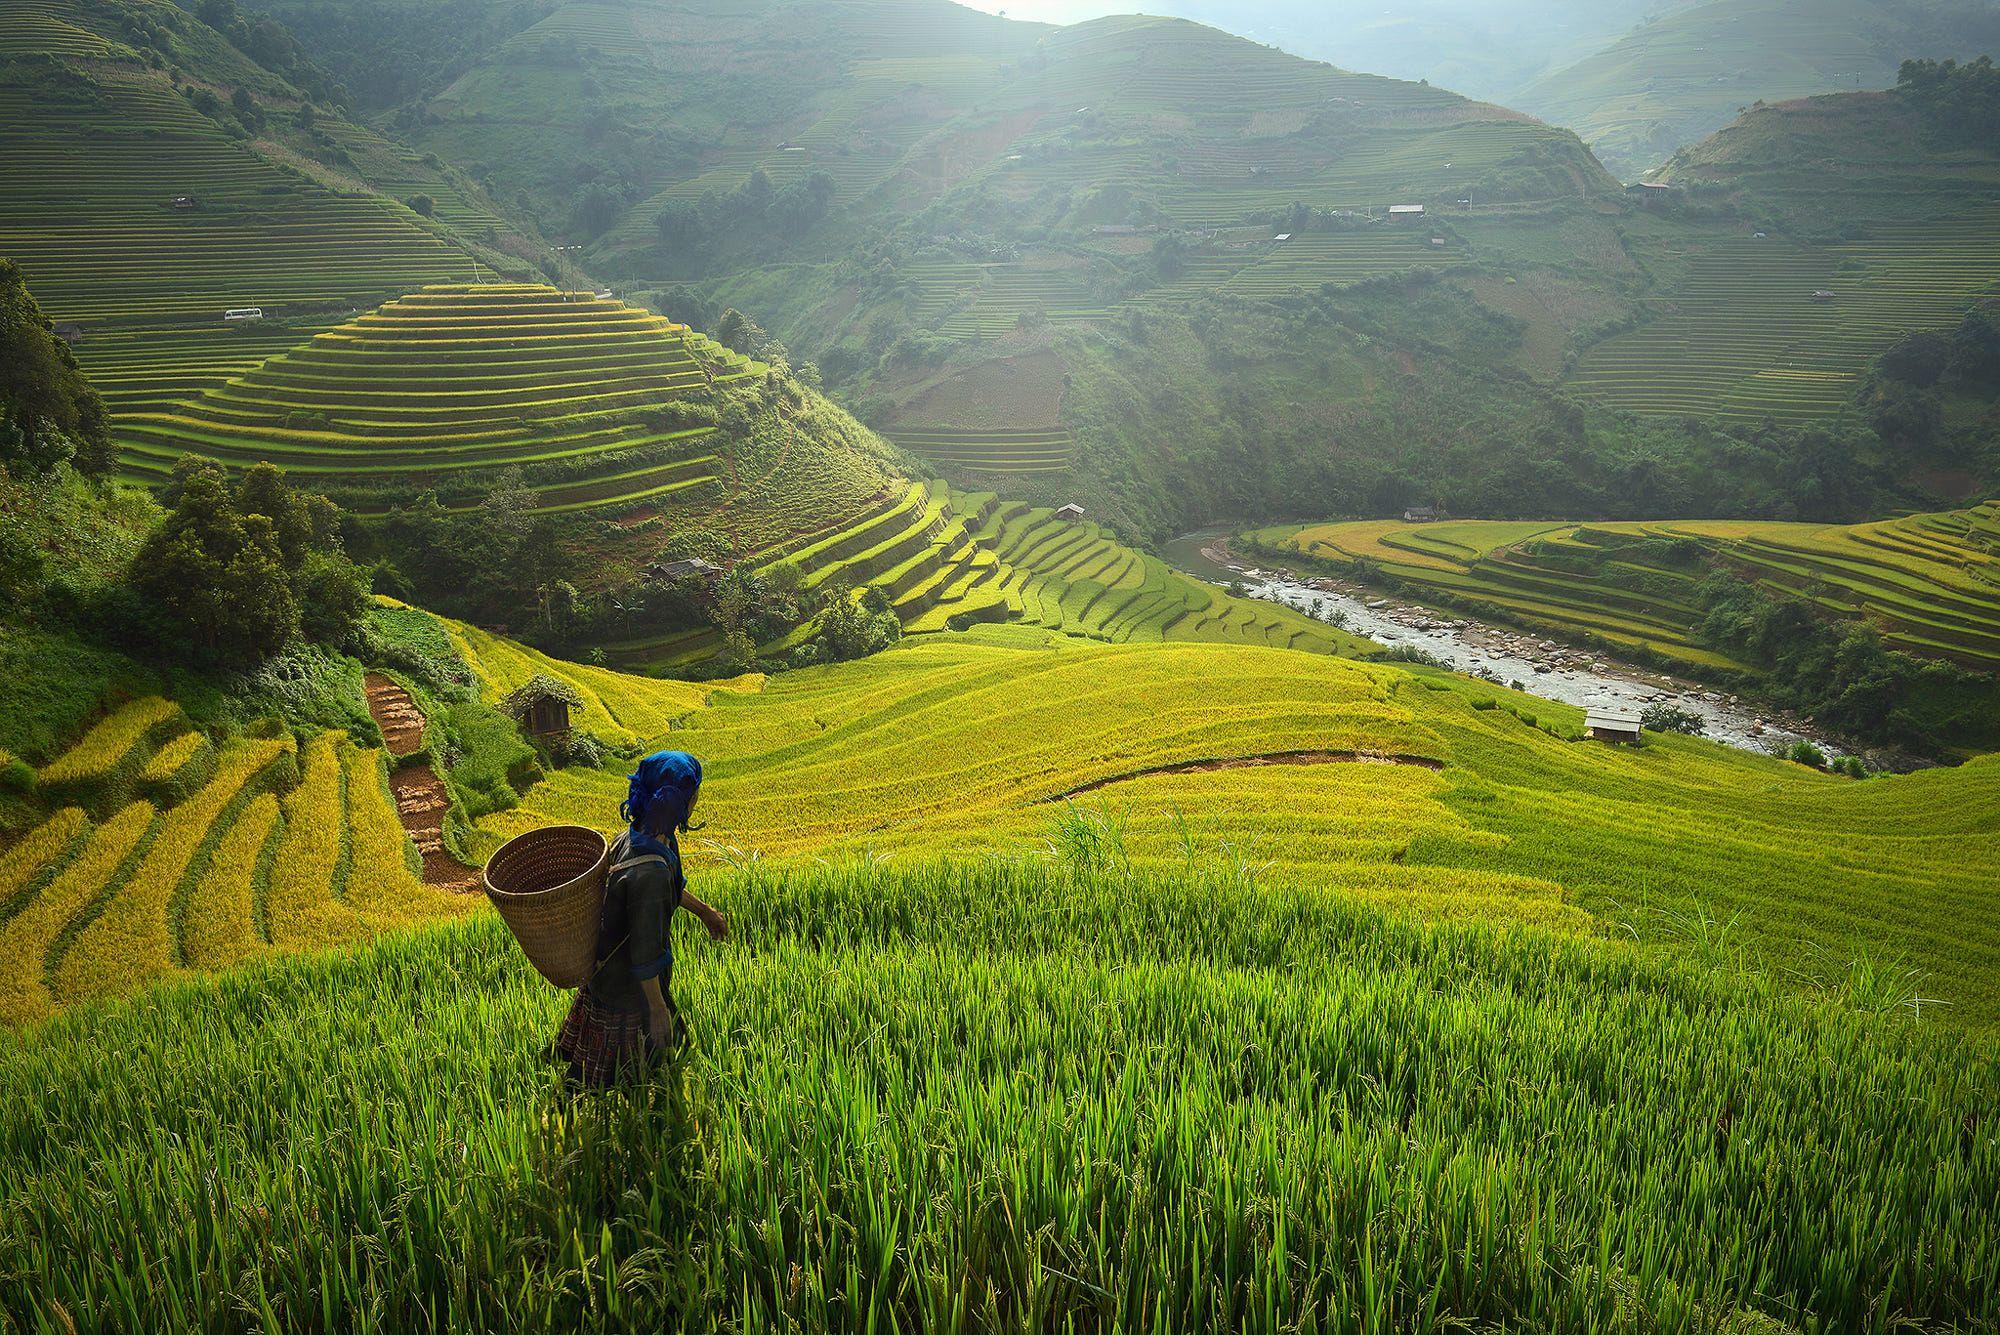 Golden Rice Fields In Mu Cang Chai (Mù Cang Chải, Yên Bái